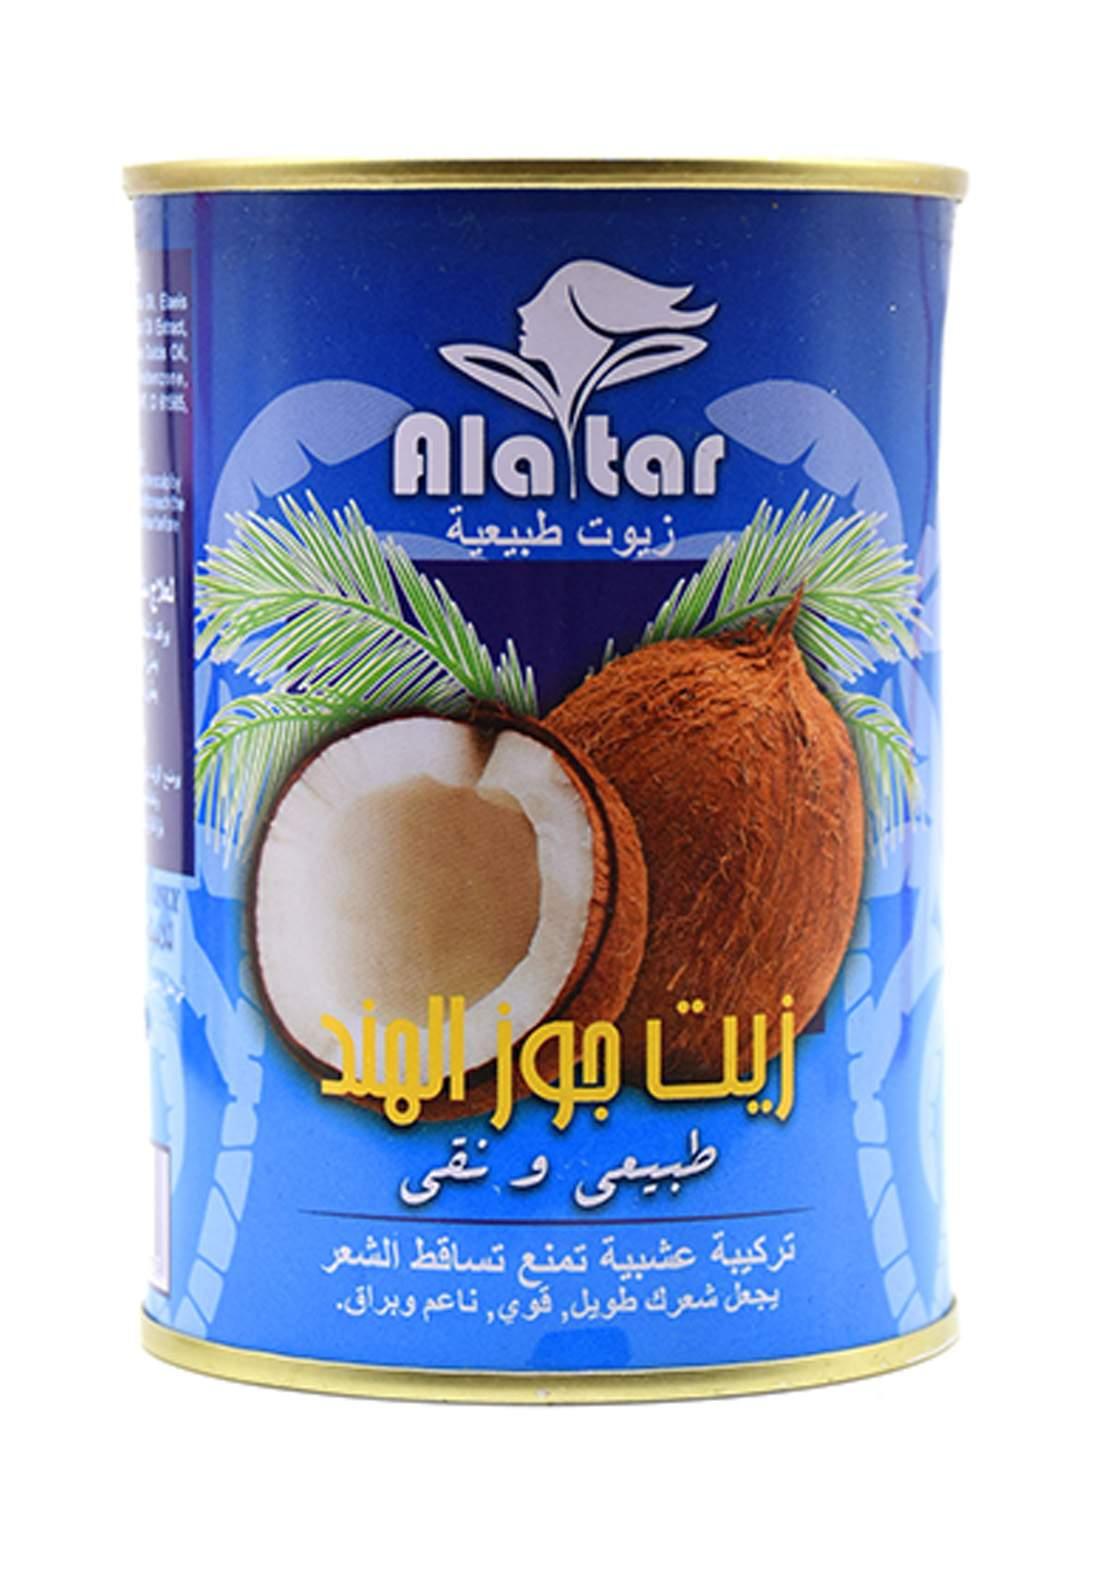 Al Attar Coconut oil 400 ml زيت جوز الهند